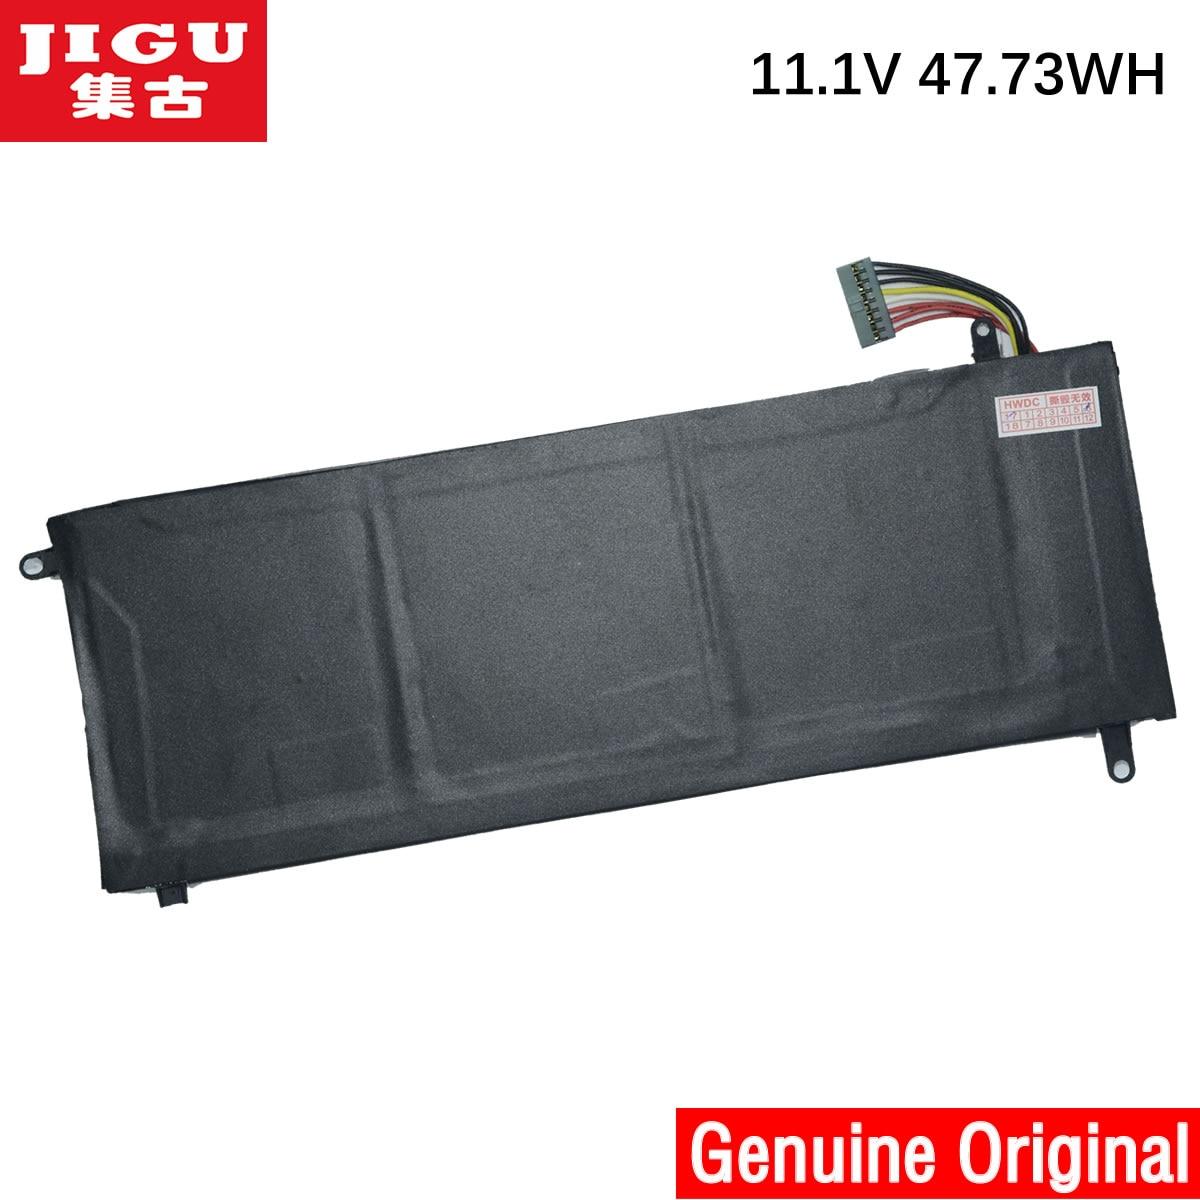 JIGU New 11.1V 4300mAh 47.73Wh Laptop Battery GNC-C30 for GIGABYTE U2442 U24F P34G V2 High Quality jigu high quality 6 cell laptop battery as10b51 as10b3e as10b5e for acer aspire 3820tg 4820t 4820tg 5820t 5820tg